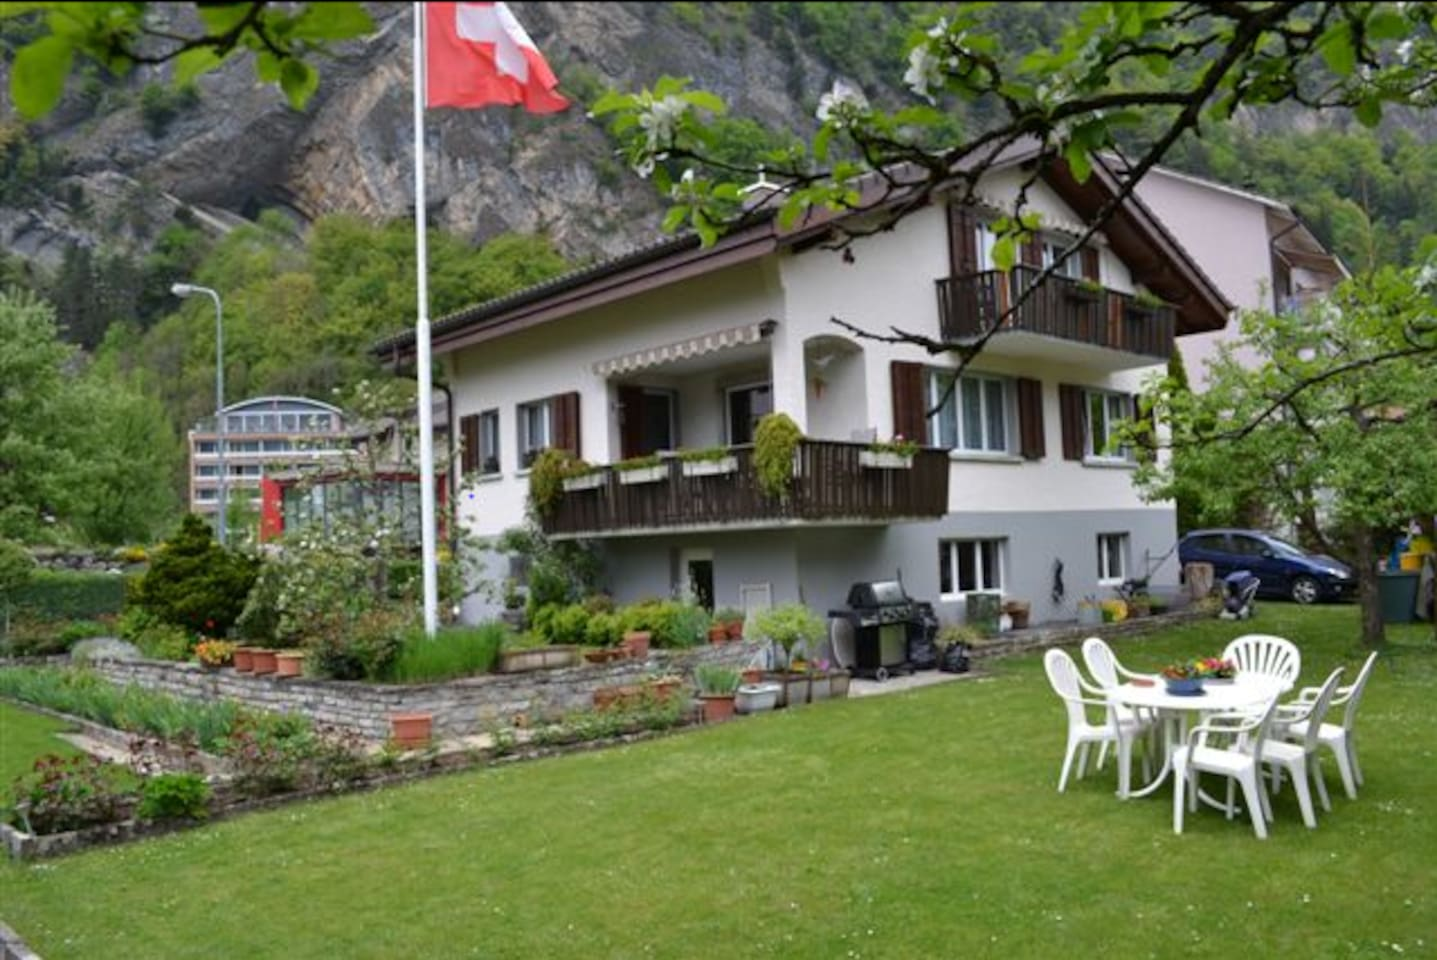 3 - Zimmerferienwohnung Interlaken